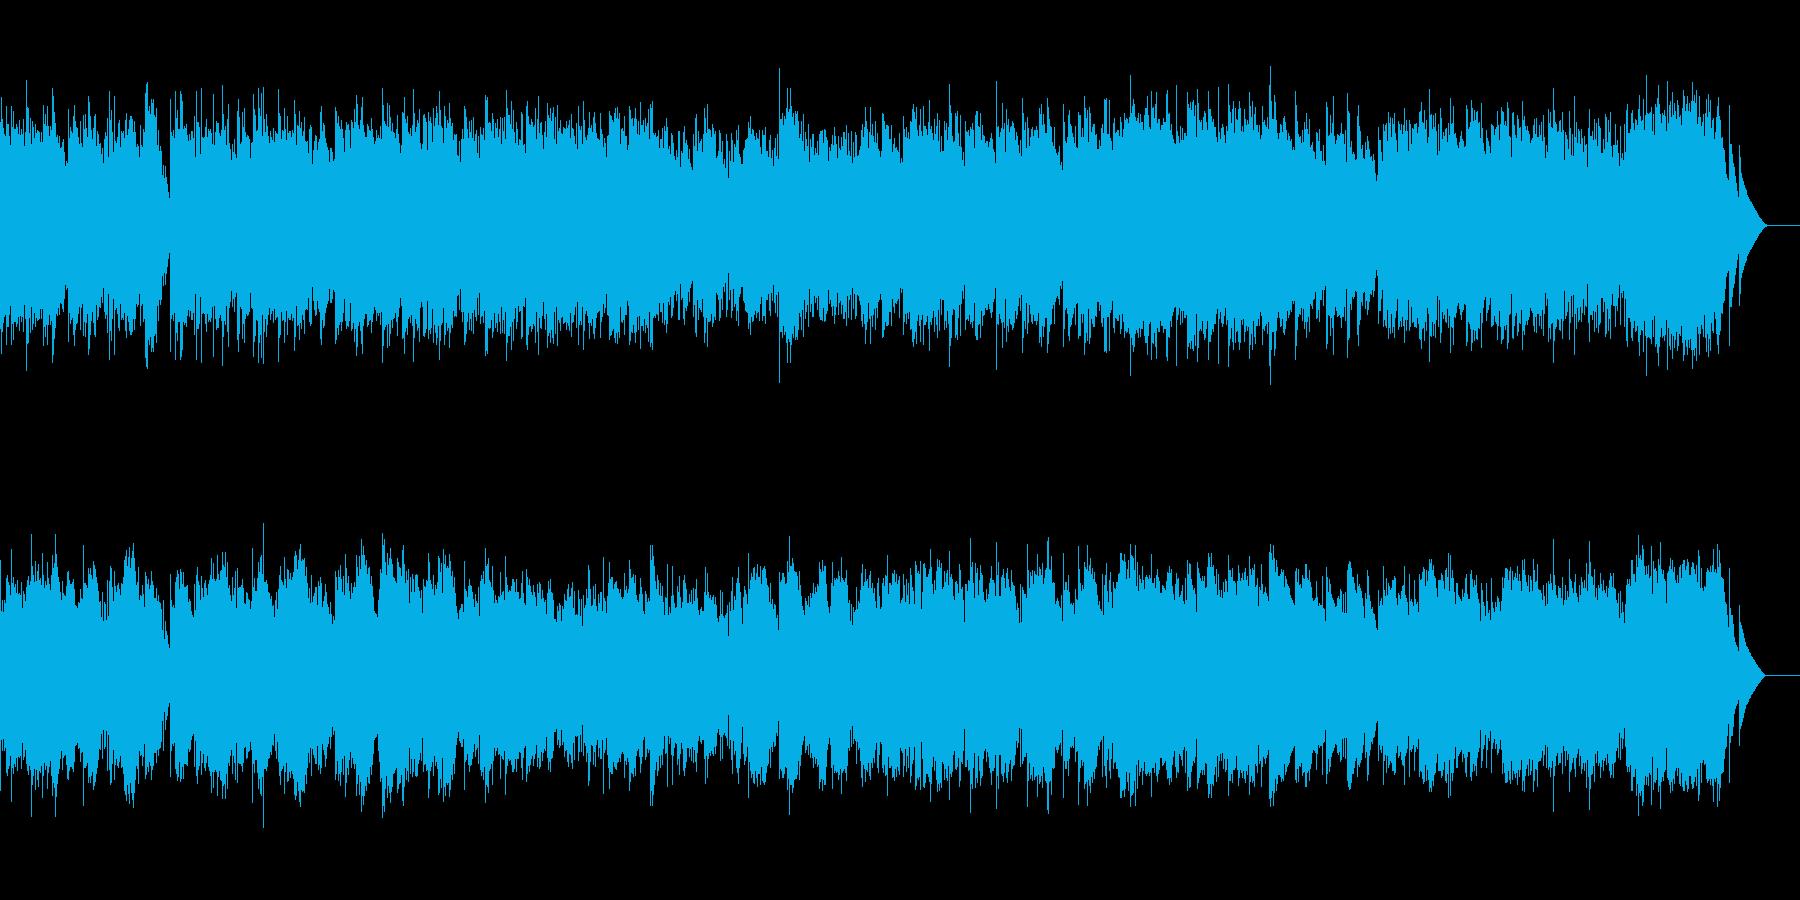 ショパン 黒鍵のエチュード オルゴールの再生済みの波形